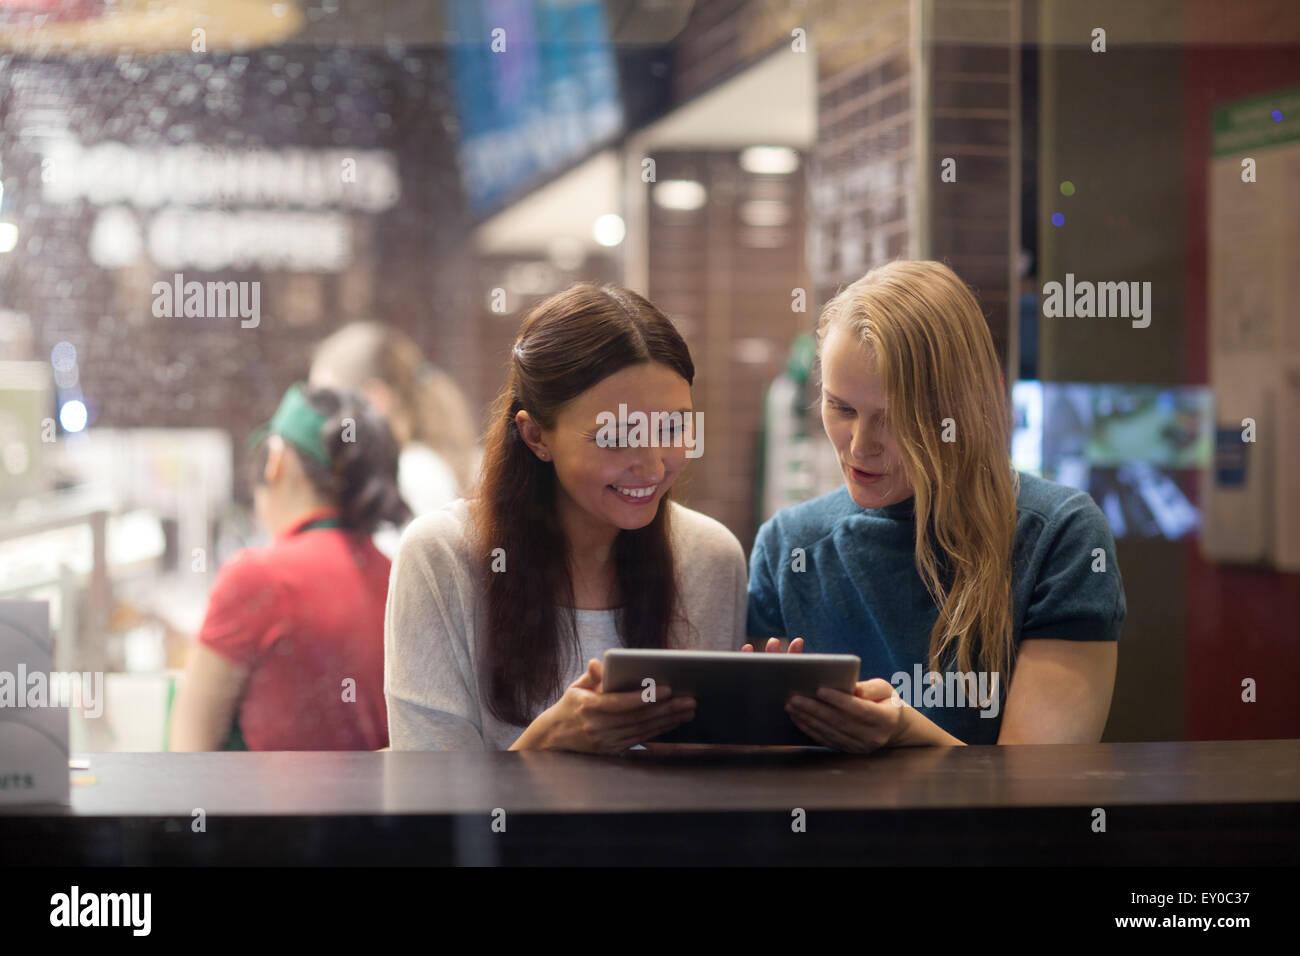 Dos mujeres hablan alegremente en el restaurante utilizando tableta electrónica Imagen De Stock